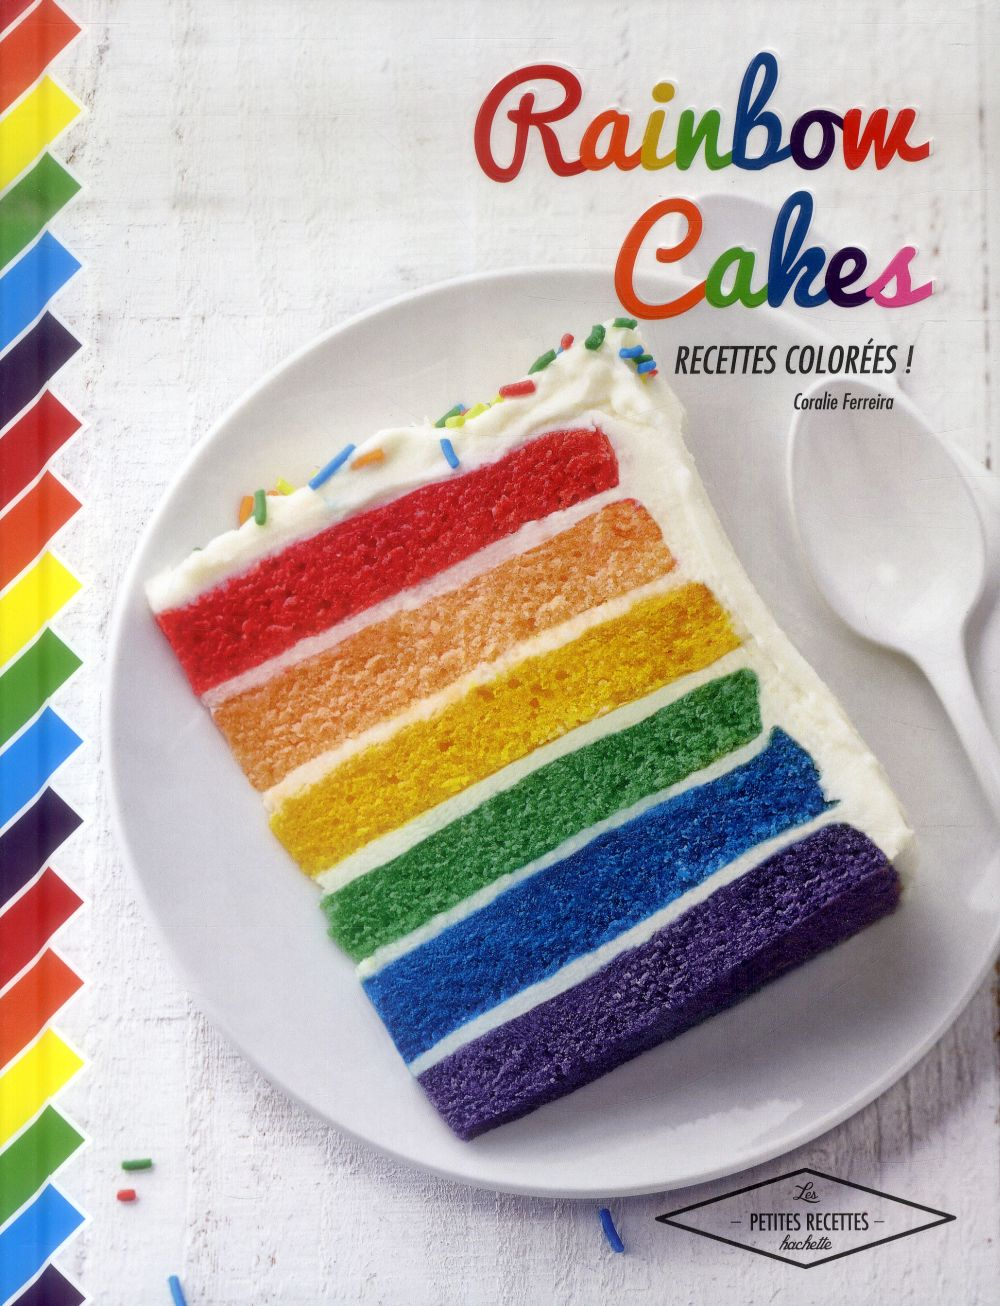 rainbow cakes ; recettes colorées !